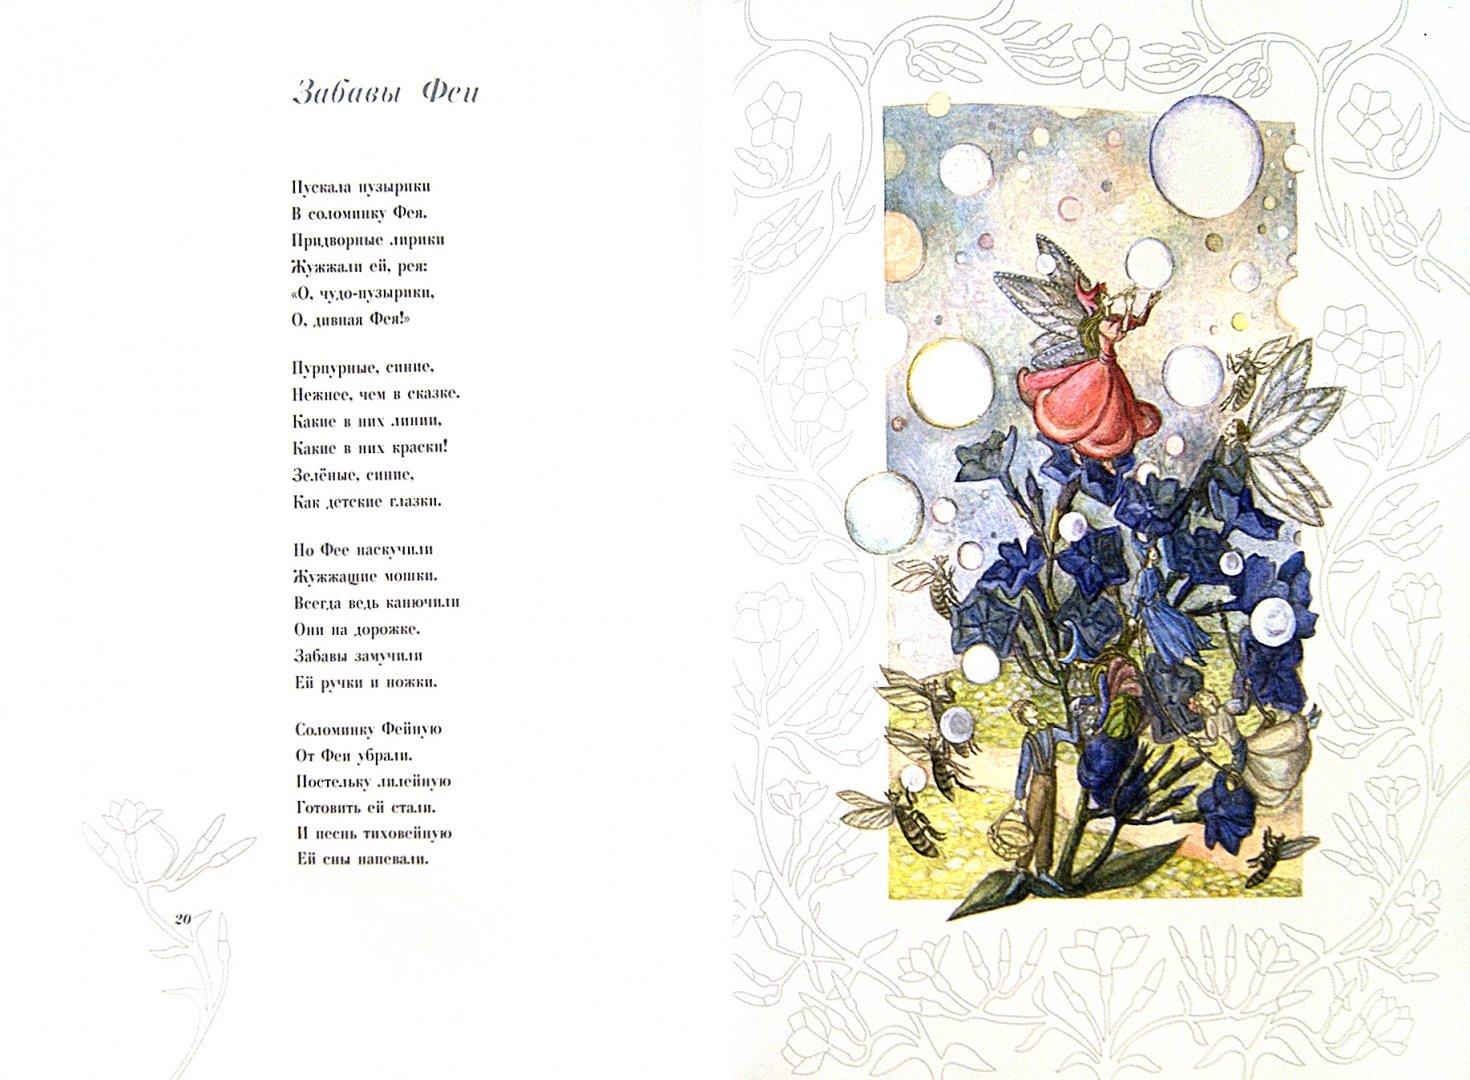 Иллюстрация 1 из 20 для Фейные сказки - Константин Бальмонт | Лабиринт - книги. Источник: Лабиринт